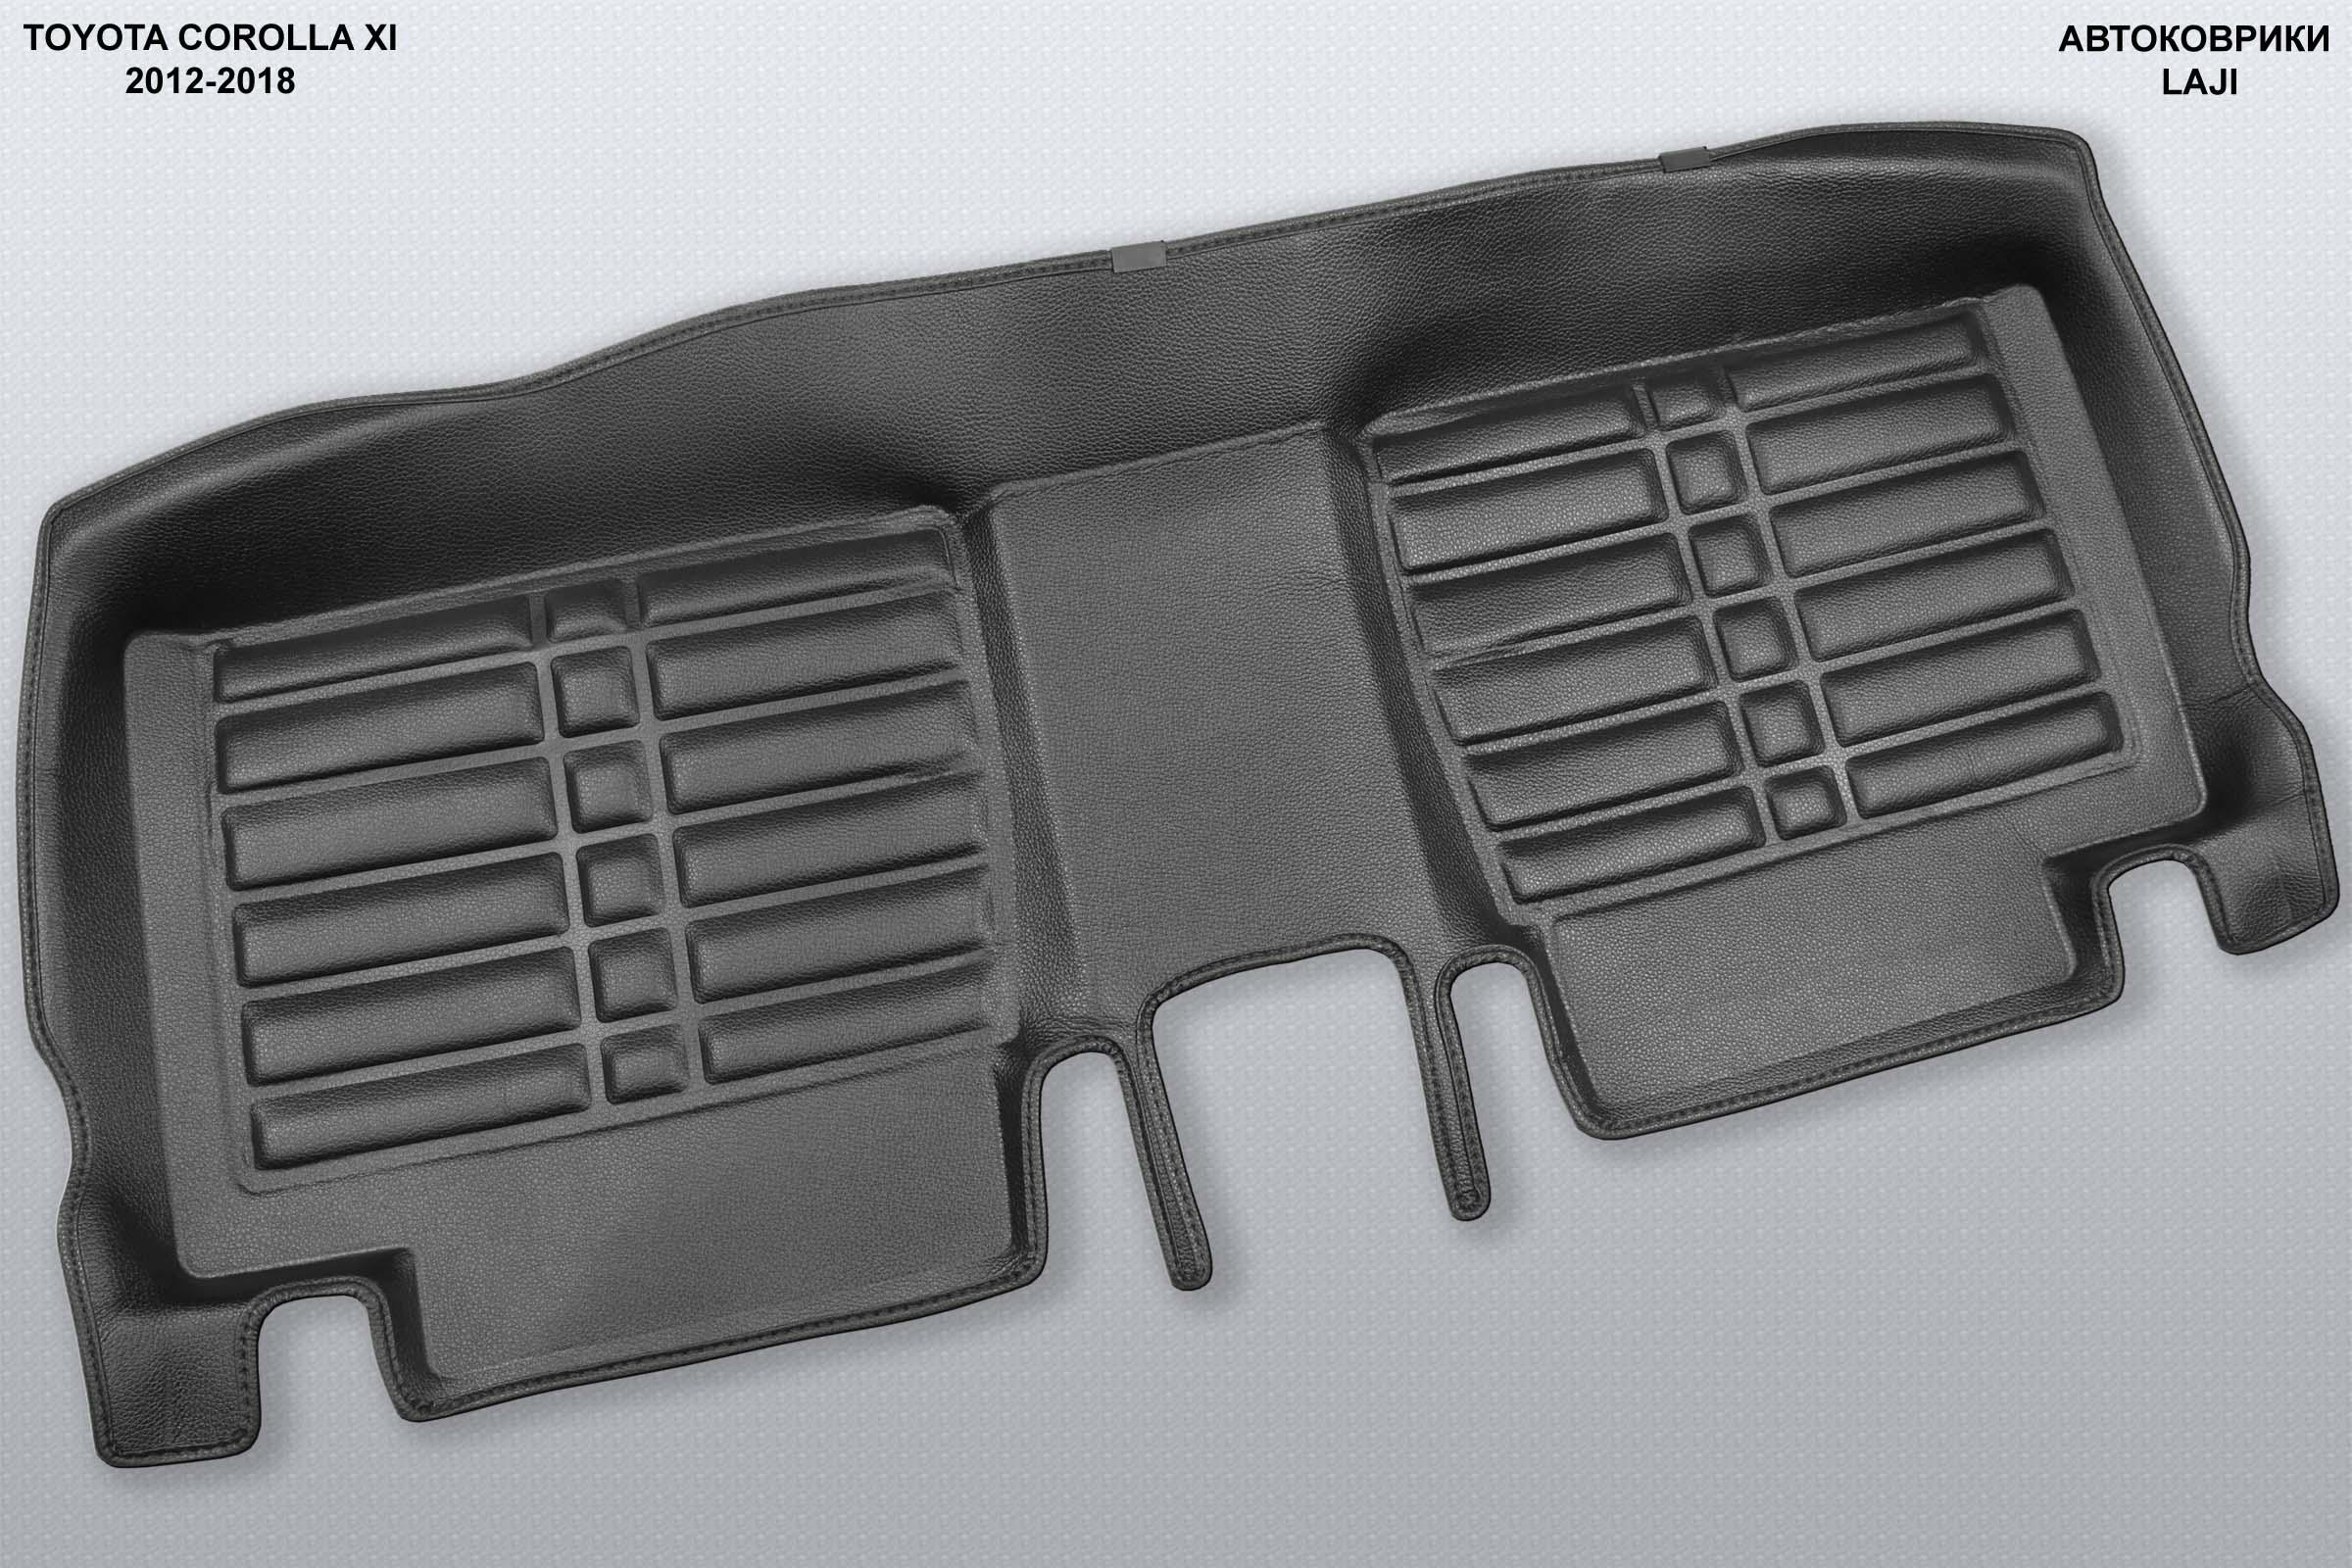 5D коврики в салон Toyota Corolla E170 2012-2018 6